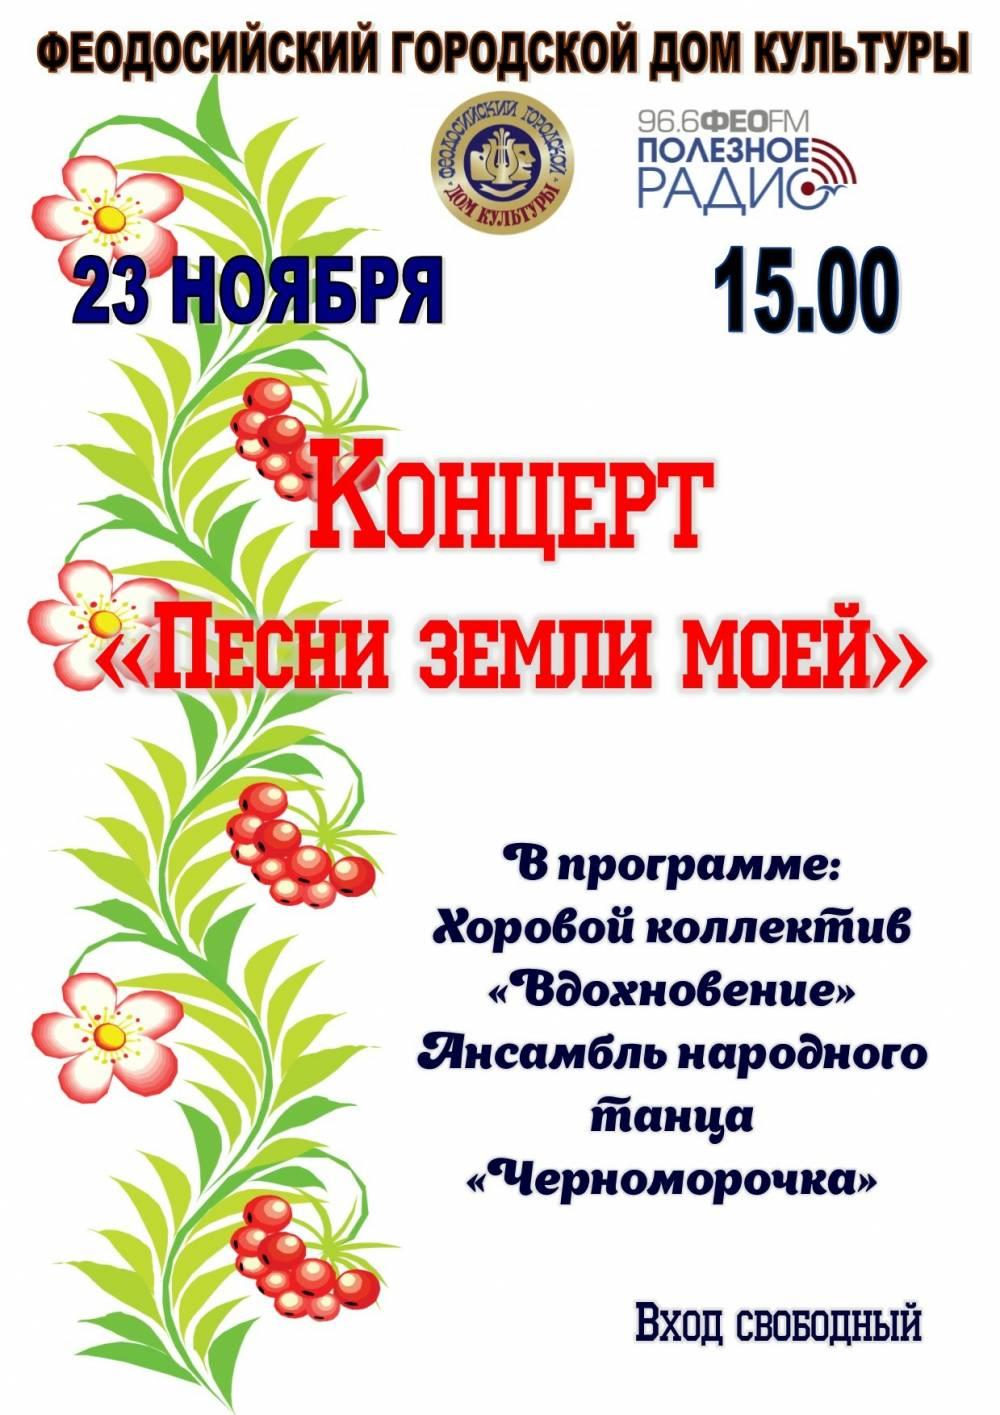 В Феодосийском Доме культуры пройдёт концерт с участием хорового коллектива «Вдохновение и ансамбля народного танца Черноморочка»